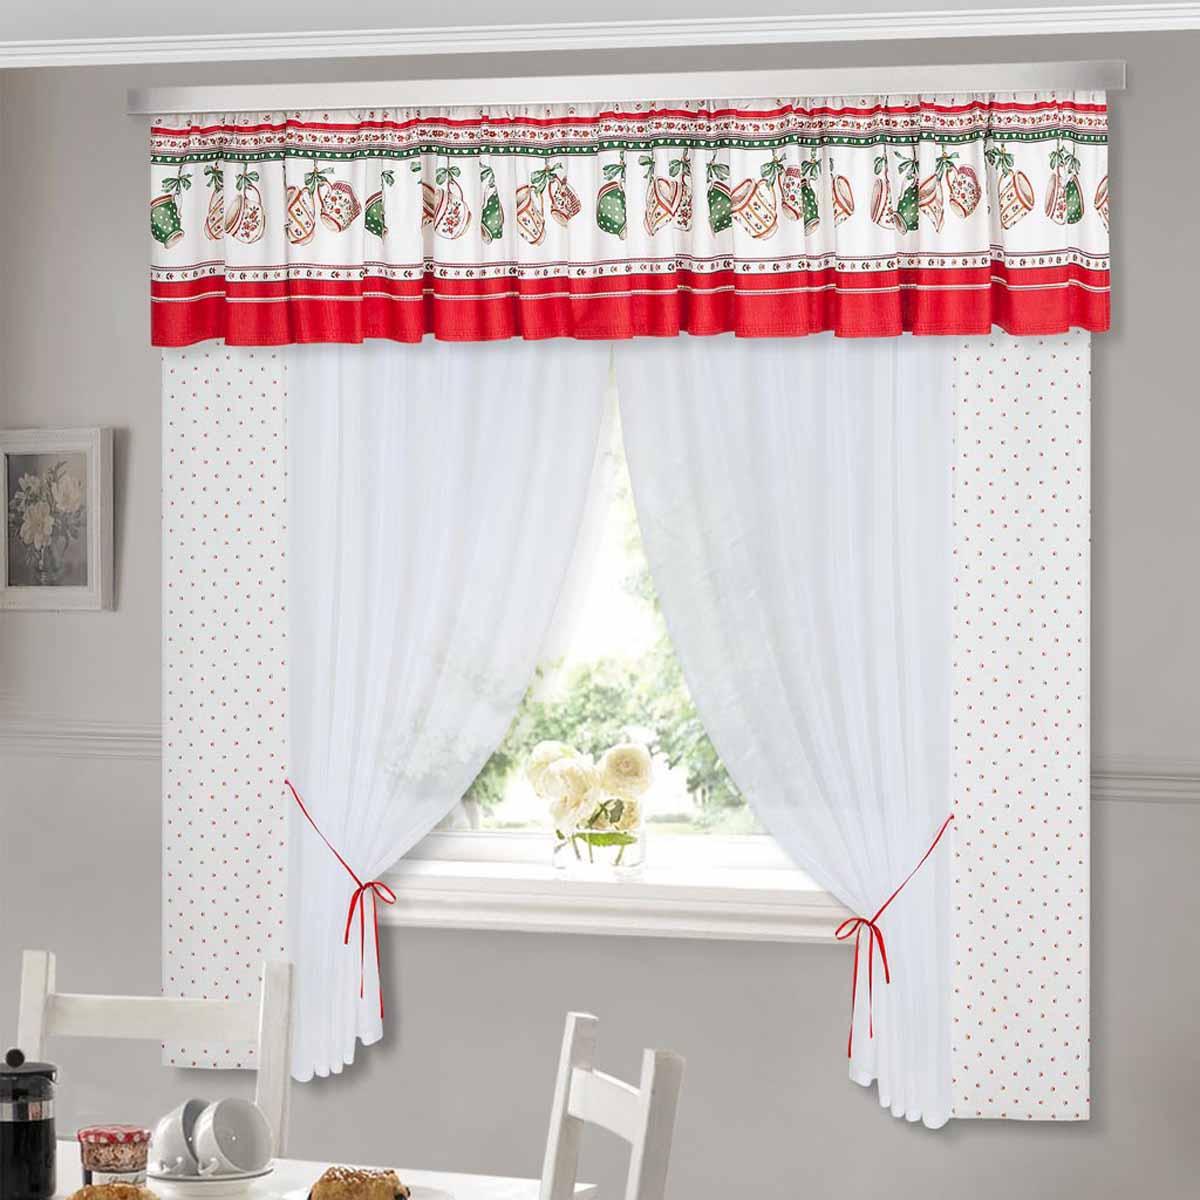 Комплект штор ТД Текстиль Чашки, на ленте, цвет: белый, красный, зеленый, высота 180 смBH-UN0502( R)Шторы с набивным рисунком.